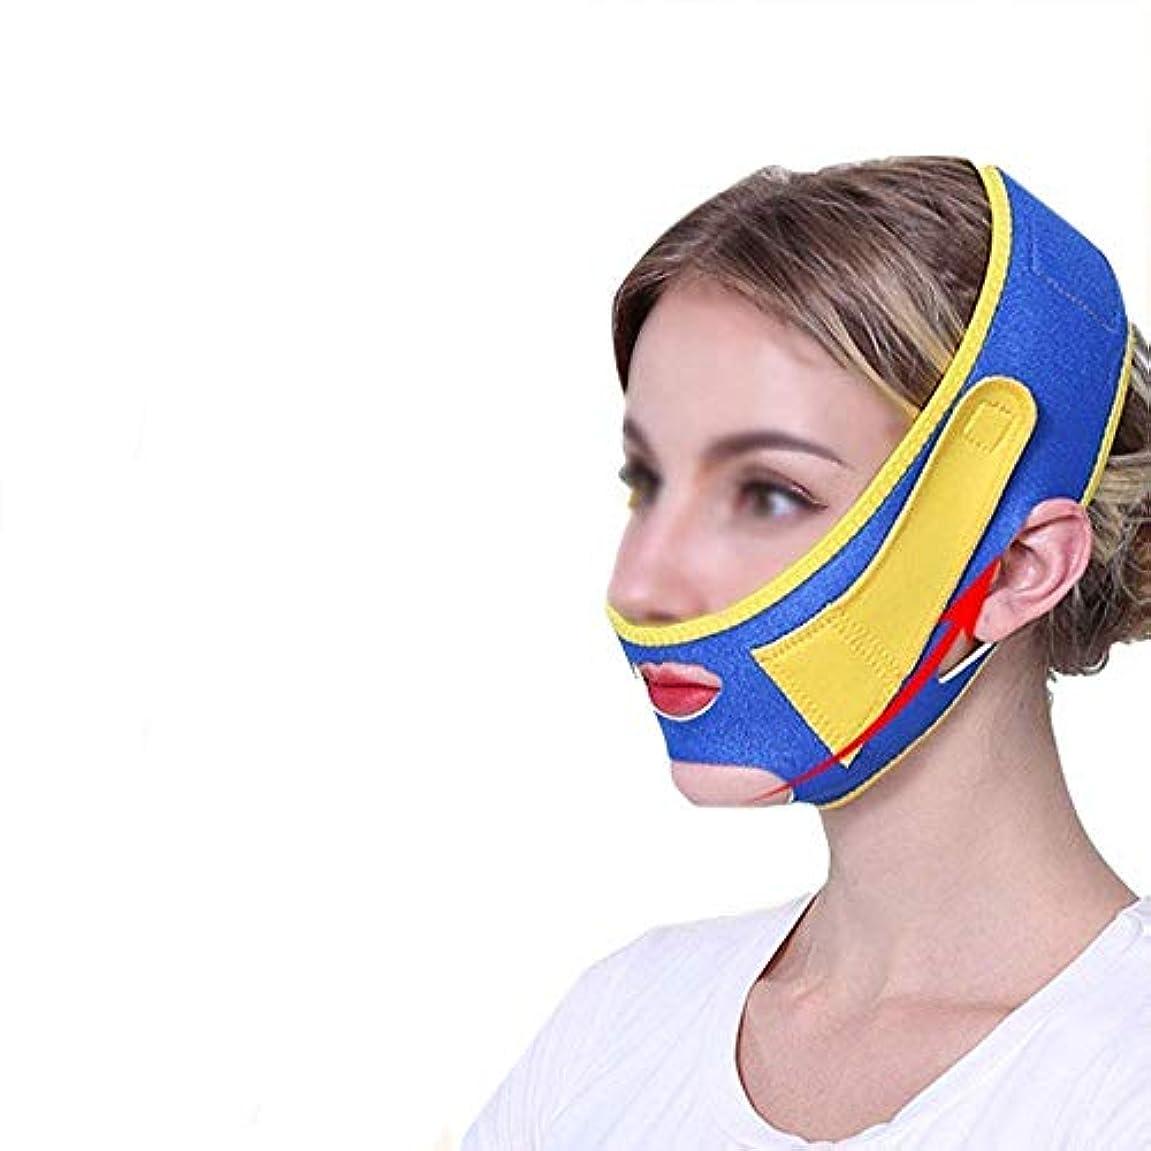 比較的豪華なマガジン美しさと実用的な薄型フェイスベルト、Vフェイスバンデージからダブルチンデクリーマスクリフティングファーミングスリープマスク